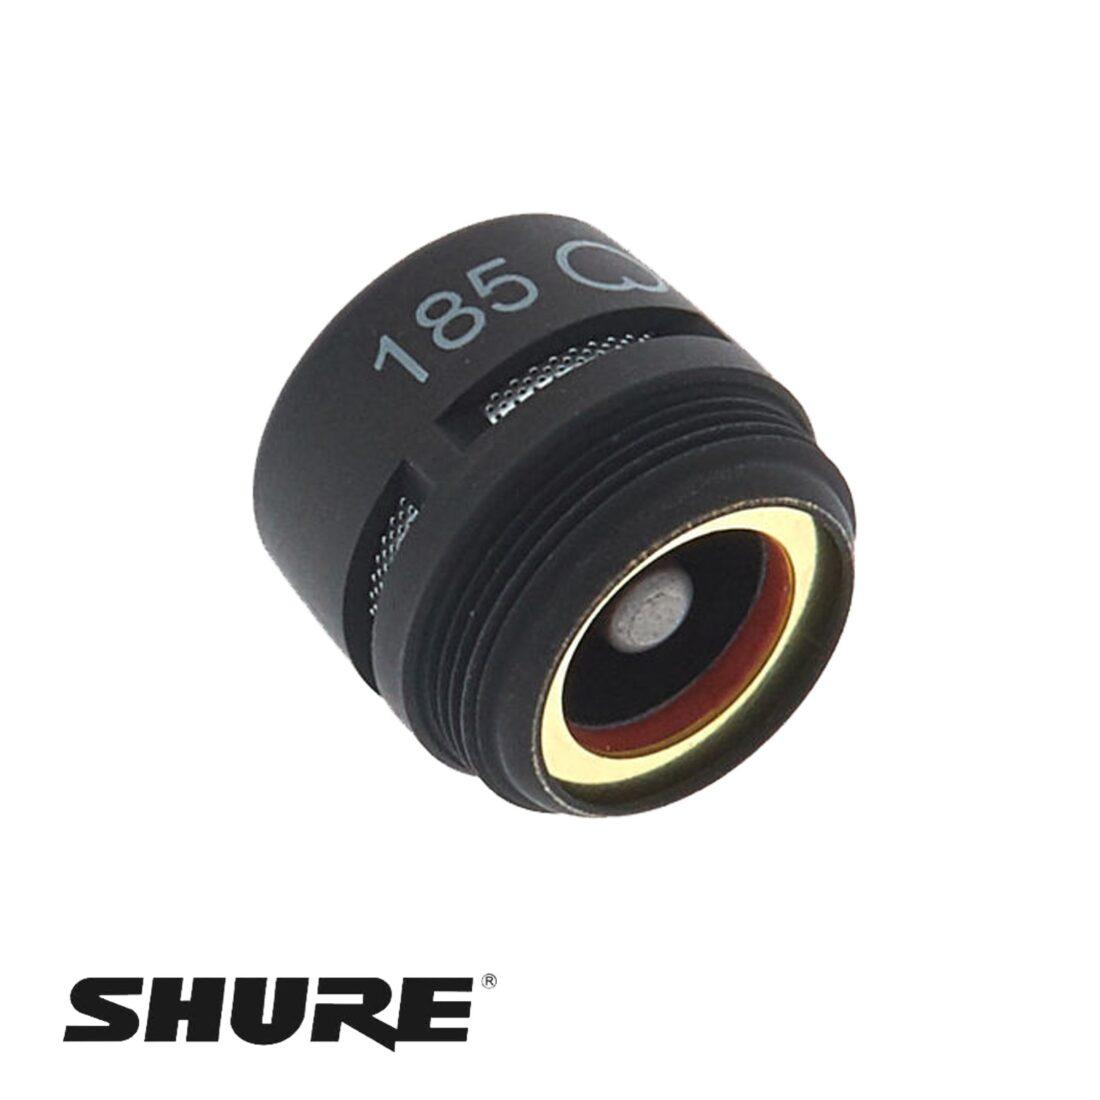 Shure R185 side